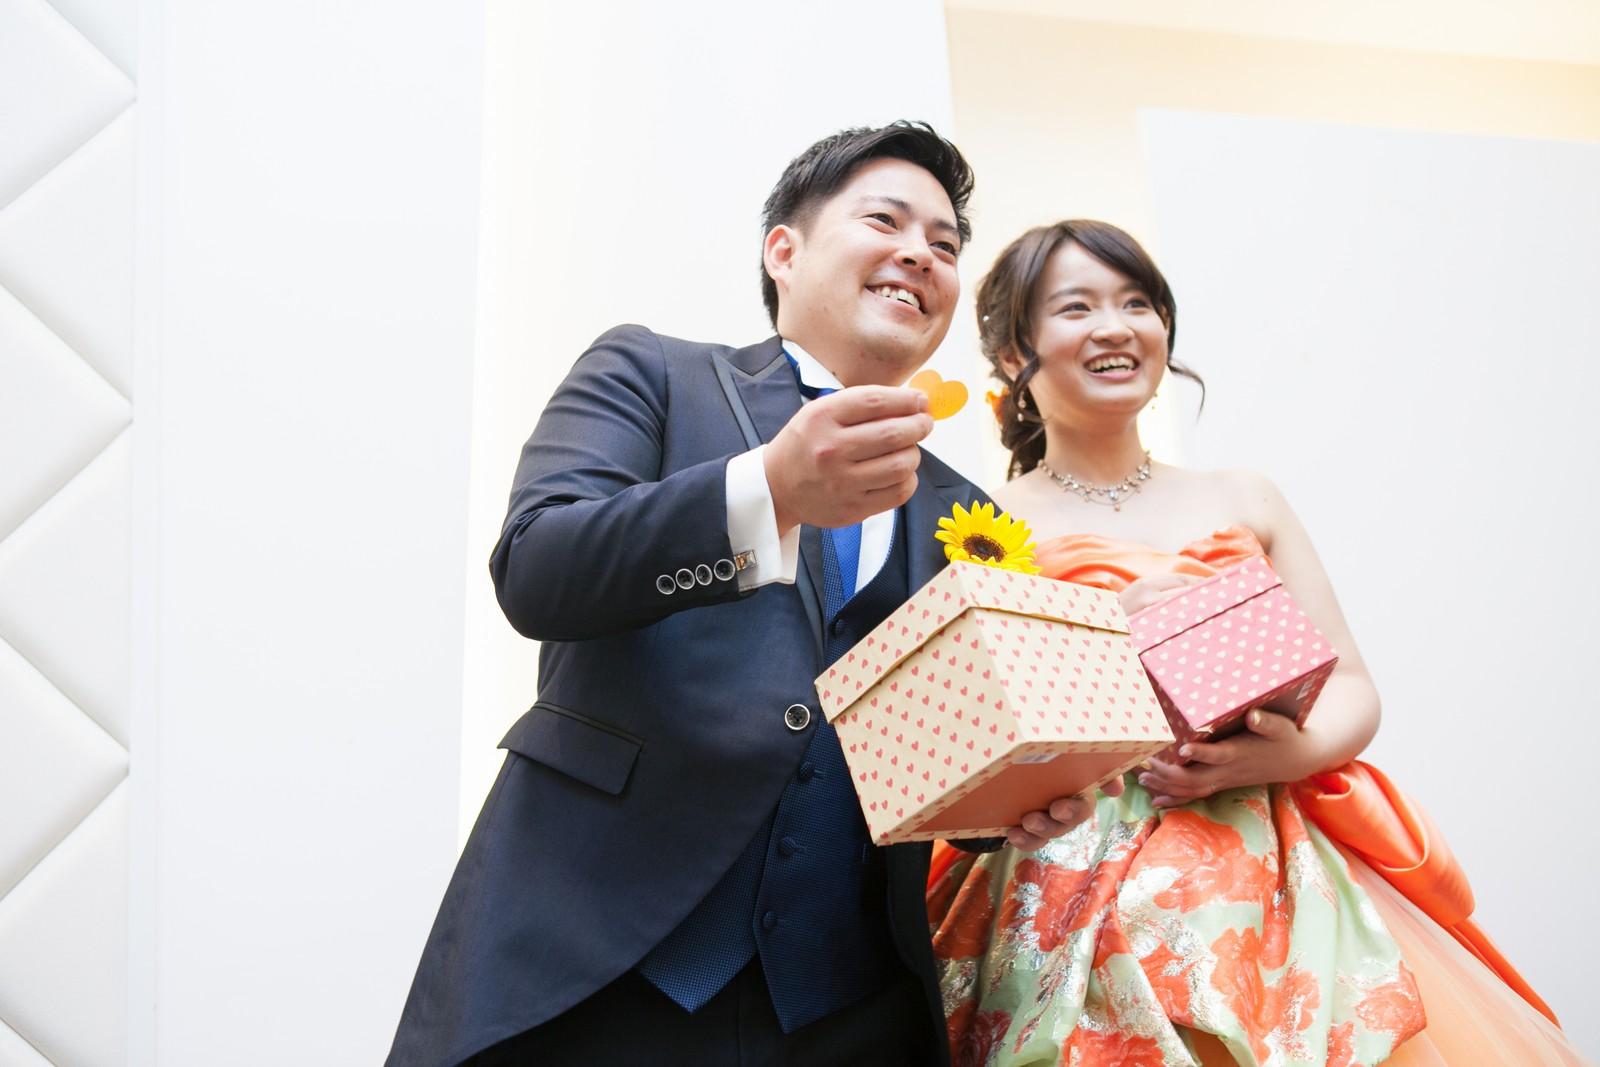 香川県の結婚式場シェルエメール&アイスタイルのドレス当てクイズ